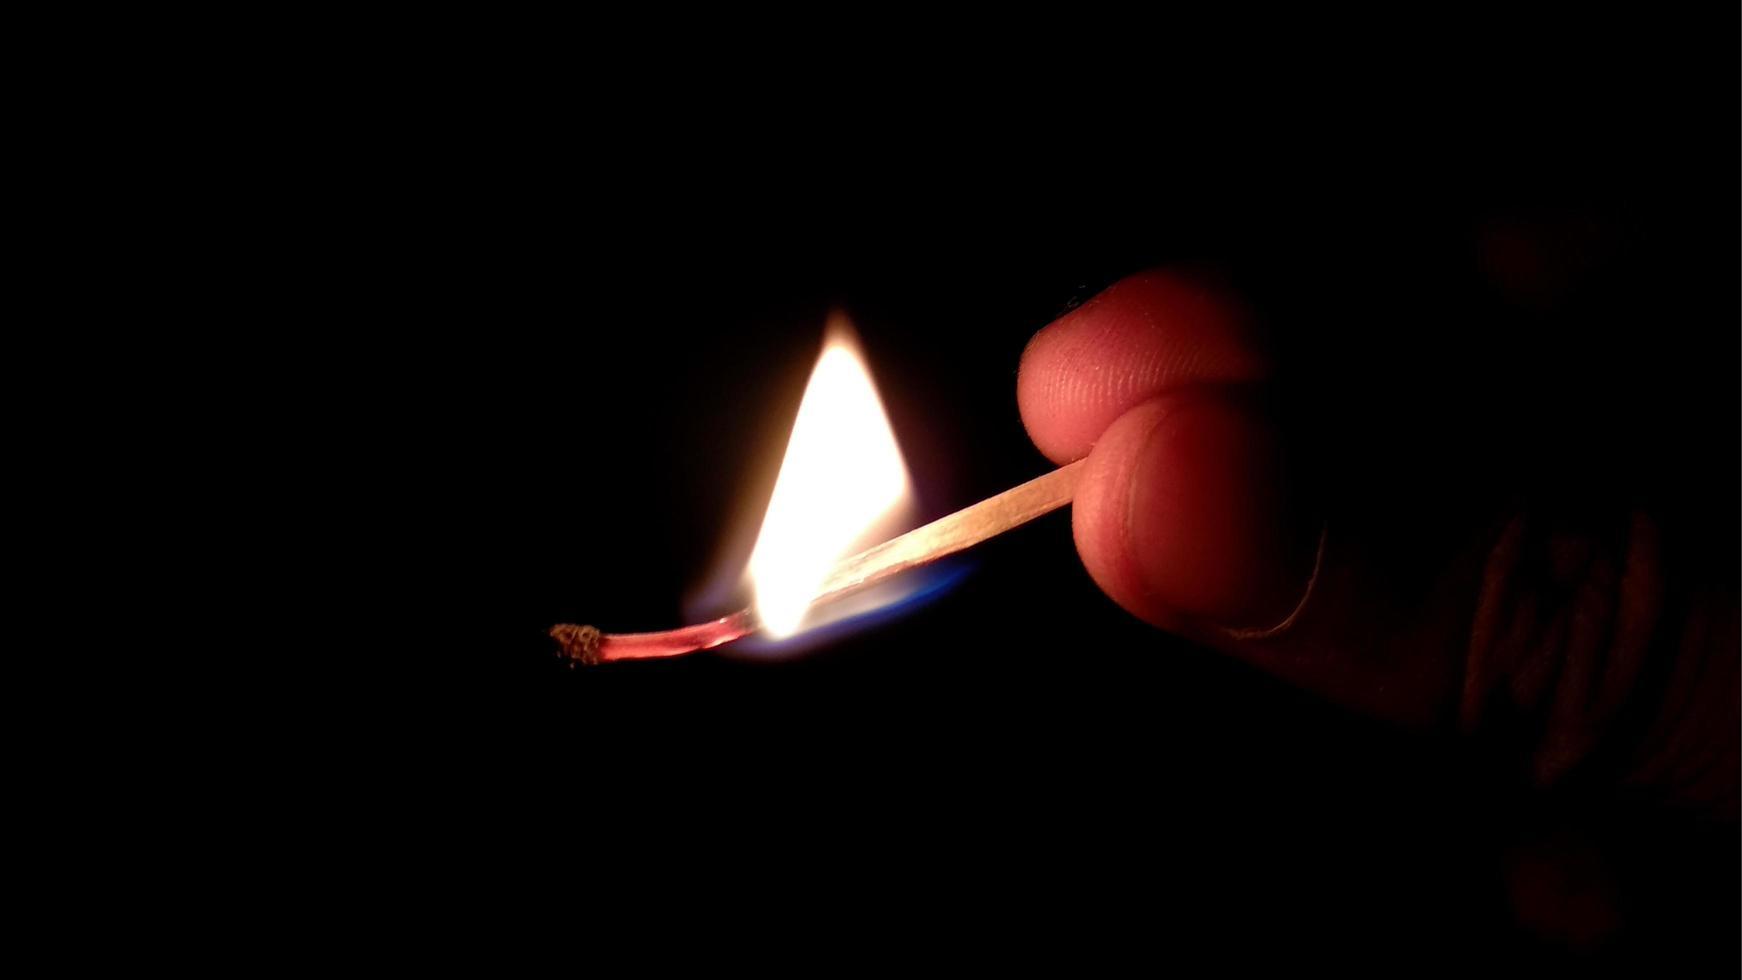 Streichholz mit der Flamme und dem brennenden Rauch, lokalisiert auf einem schwarzen Hintergrund foto